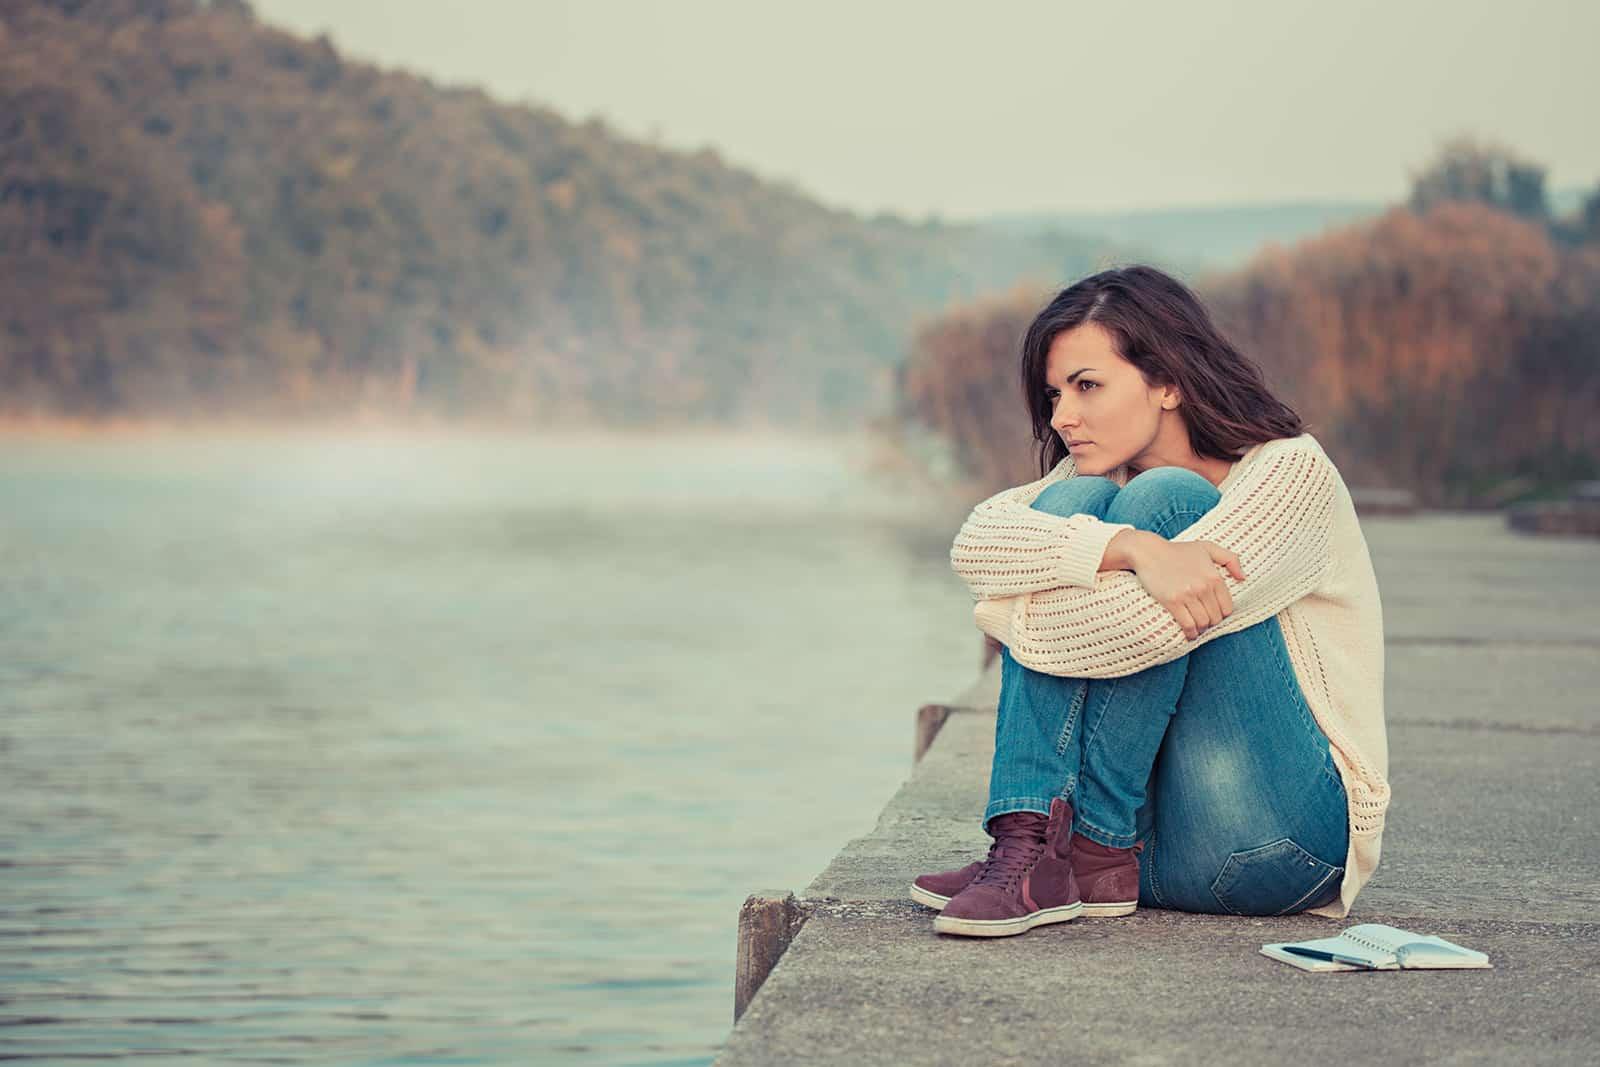 nachdenkliche Frau, die am frühen Morgen in der Nähe des Sees sitzt